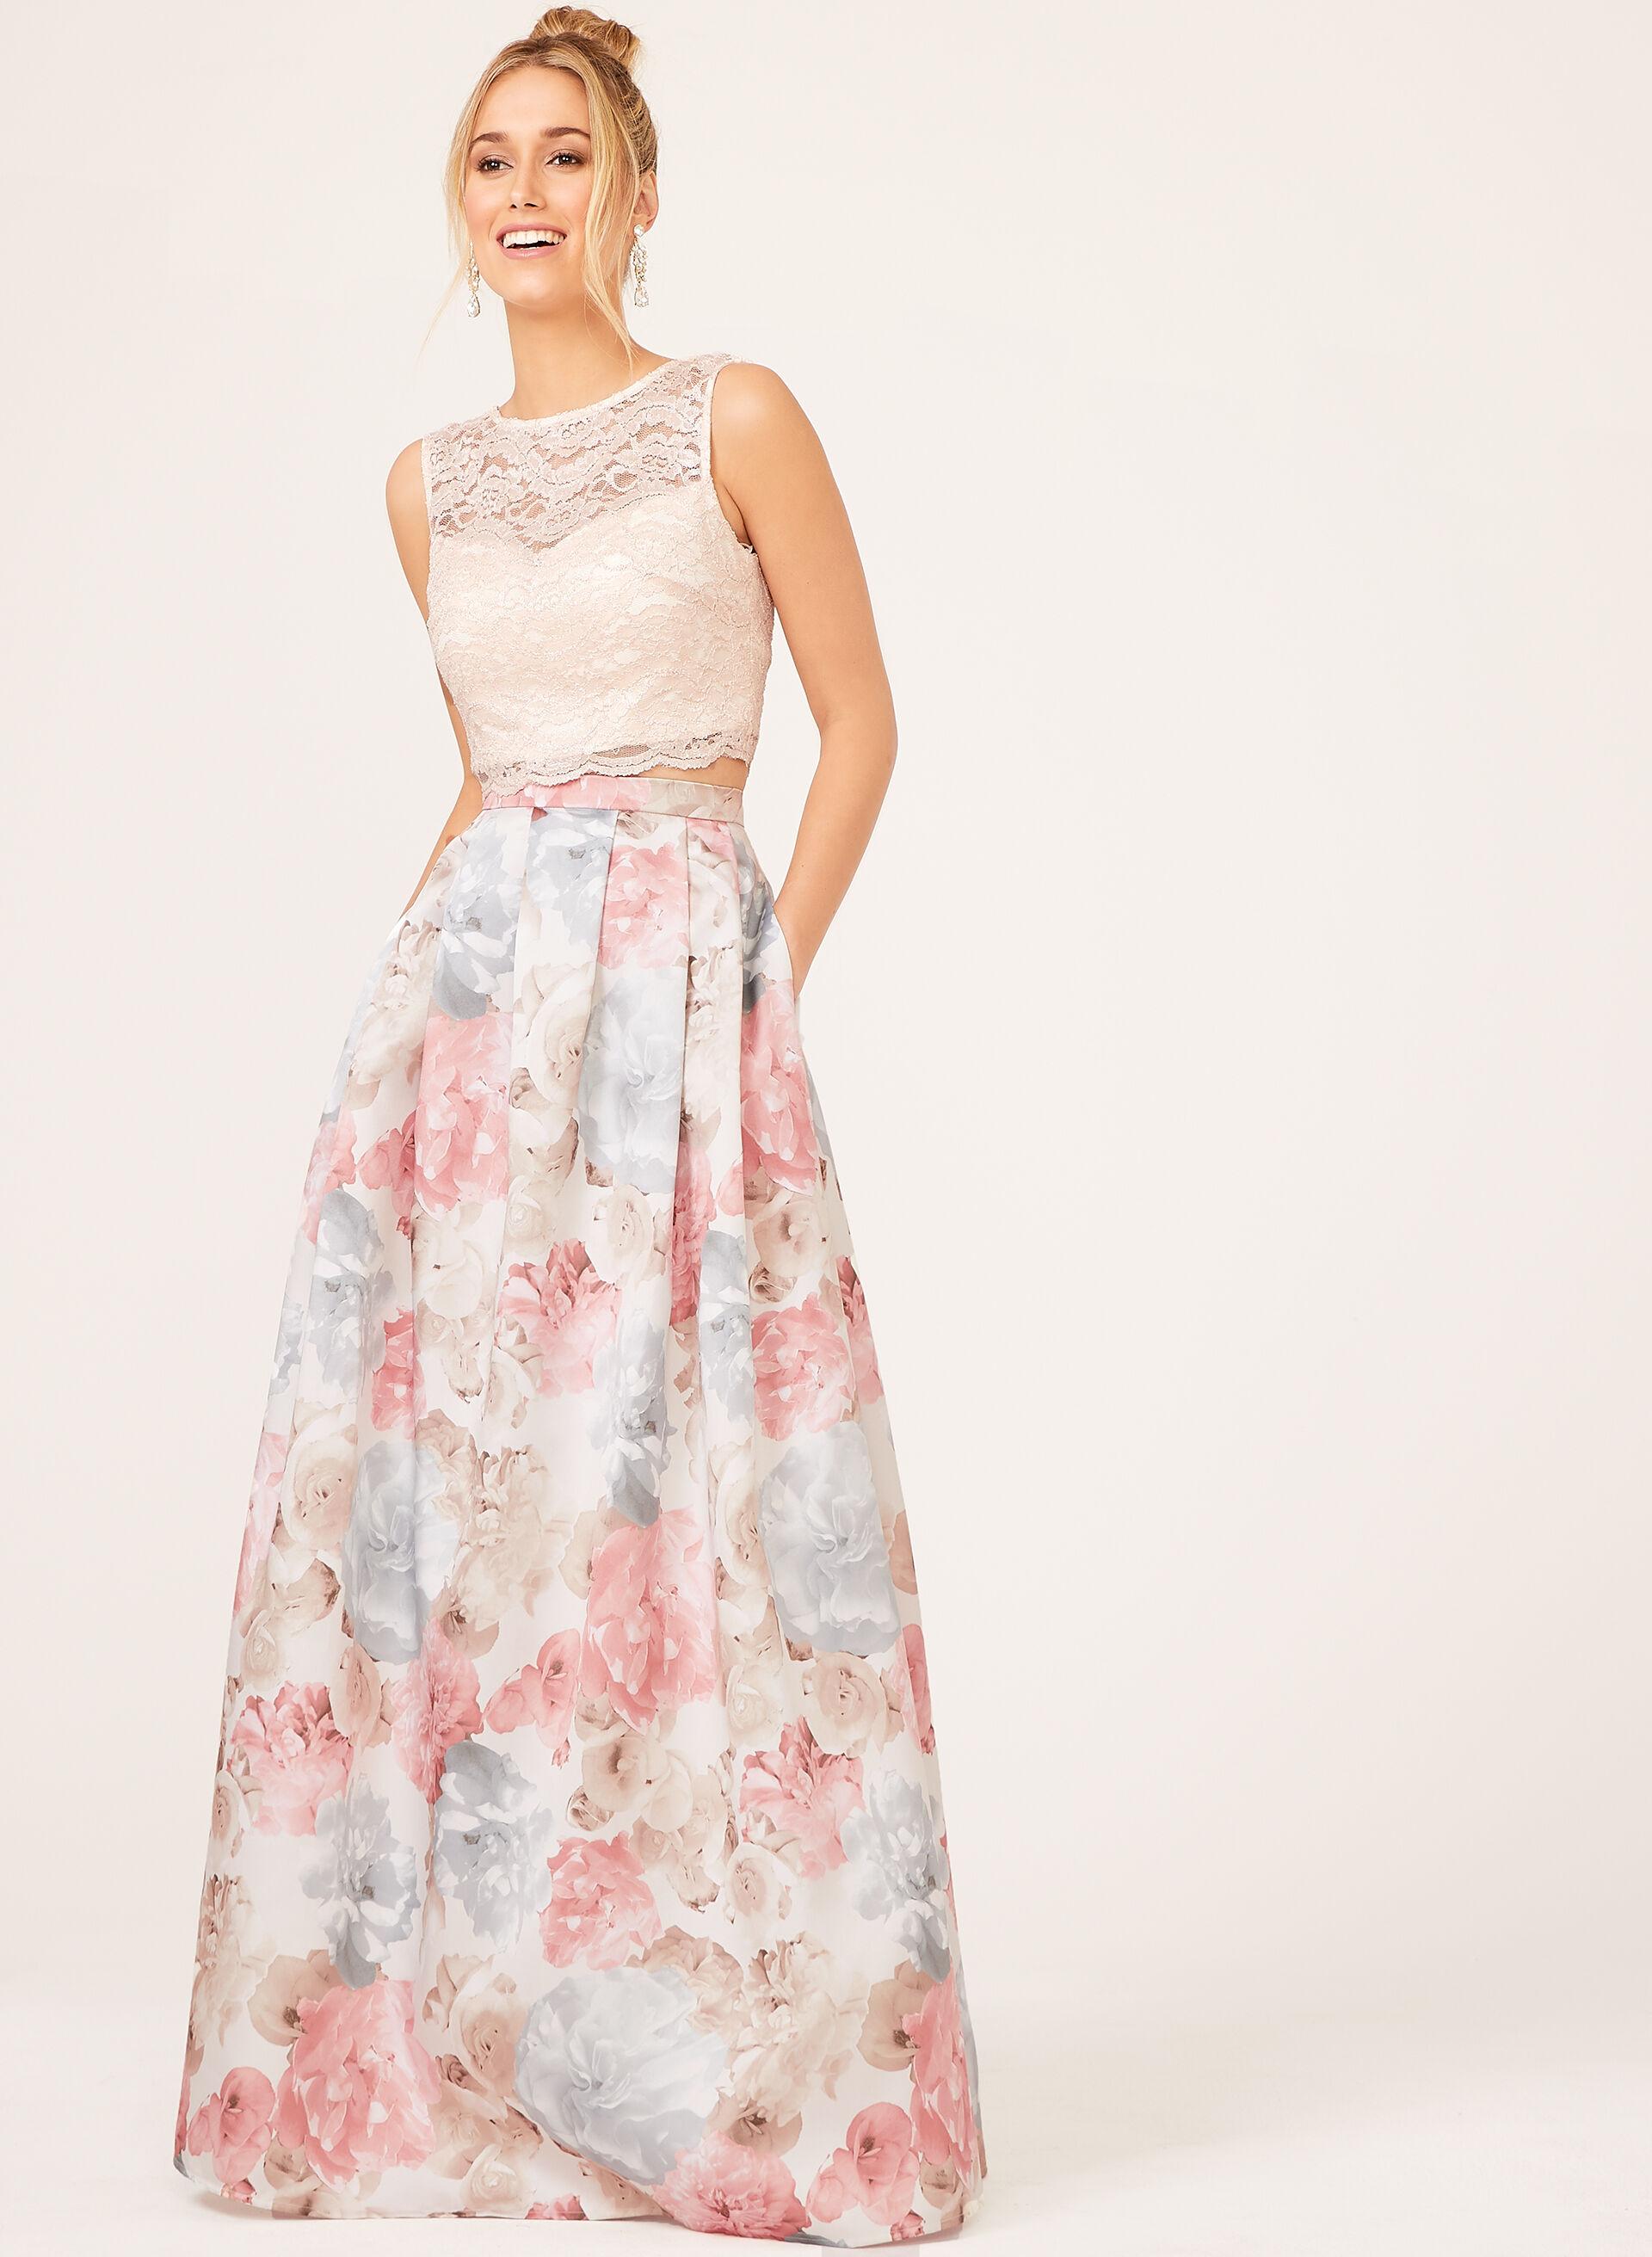 Robe rose pastel morgan